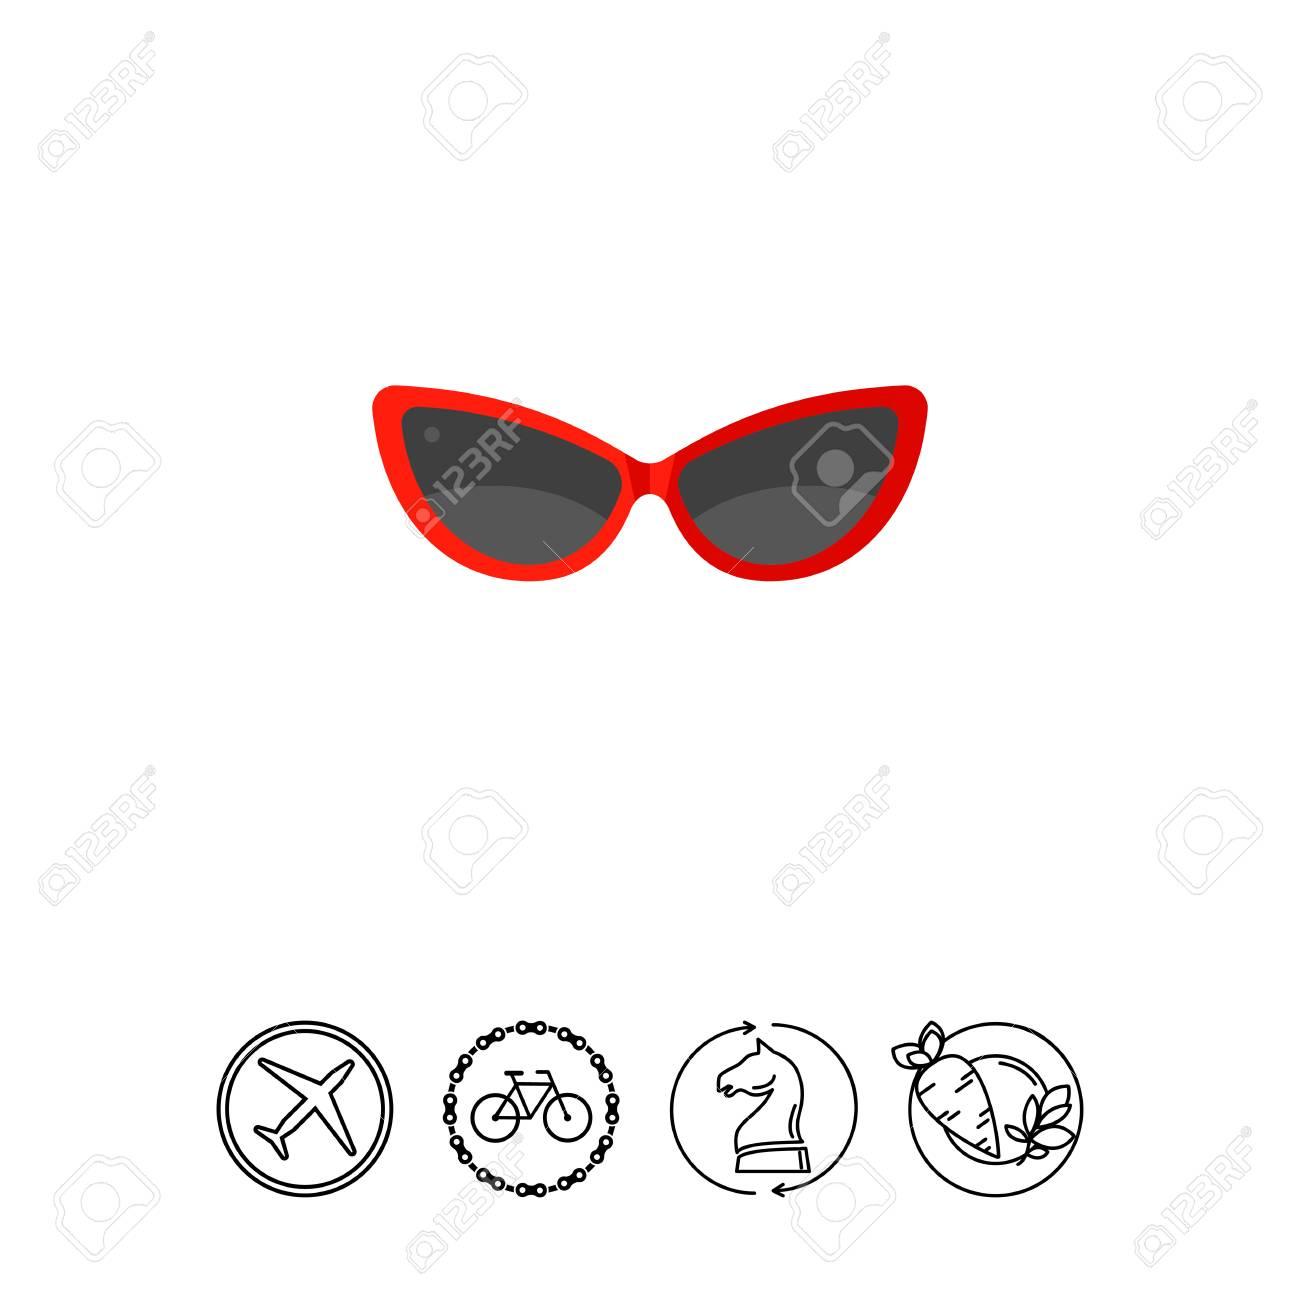 92f0a941505613 Soleil, plage, protection. Lunettes de soleil concept. Peut être utilisé  pour des sujets tels que l été, les vacances, centres de villégiature.